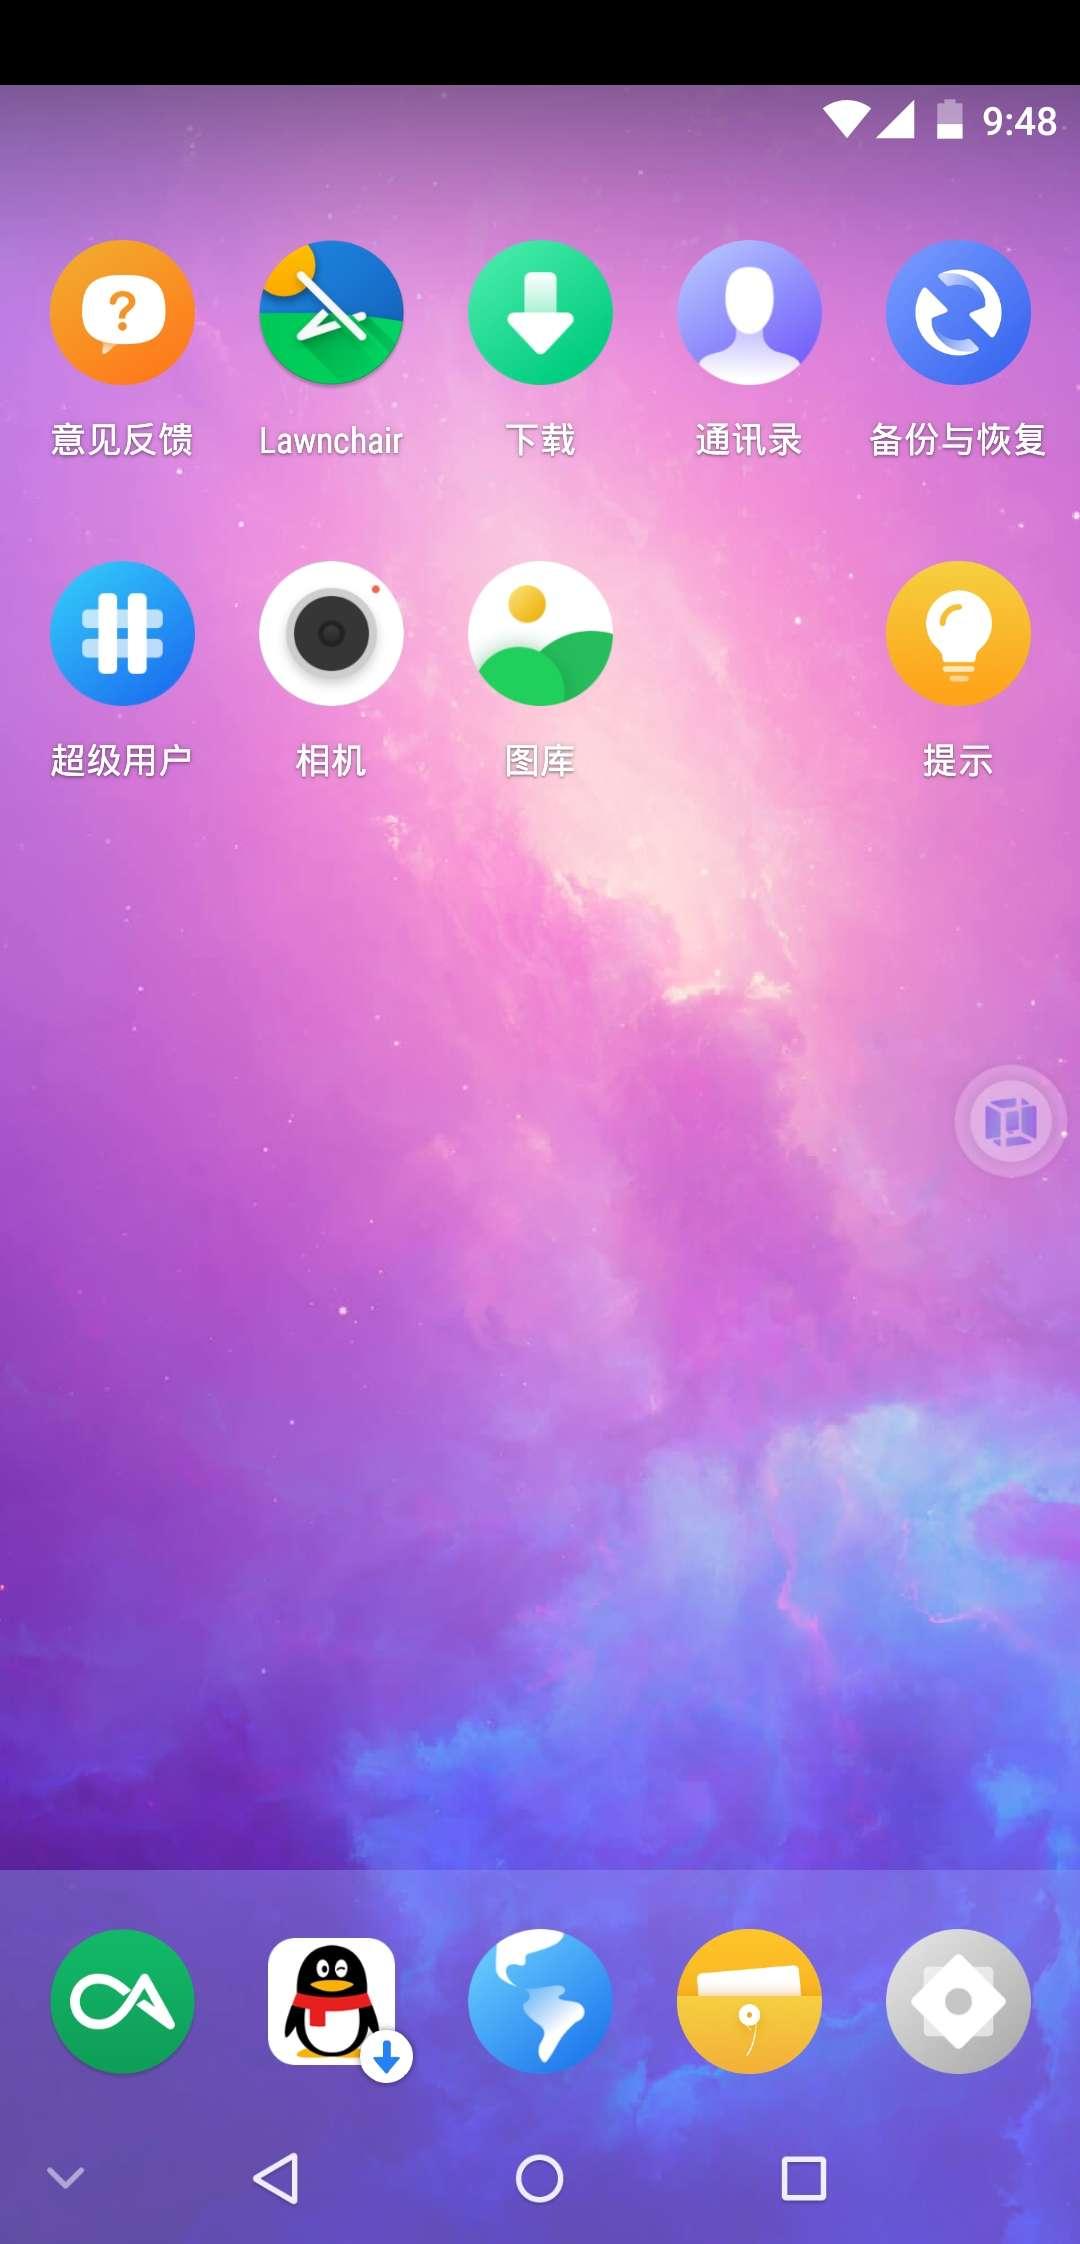 【考核】VMOS(虚拟大师)-爱小助